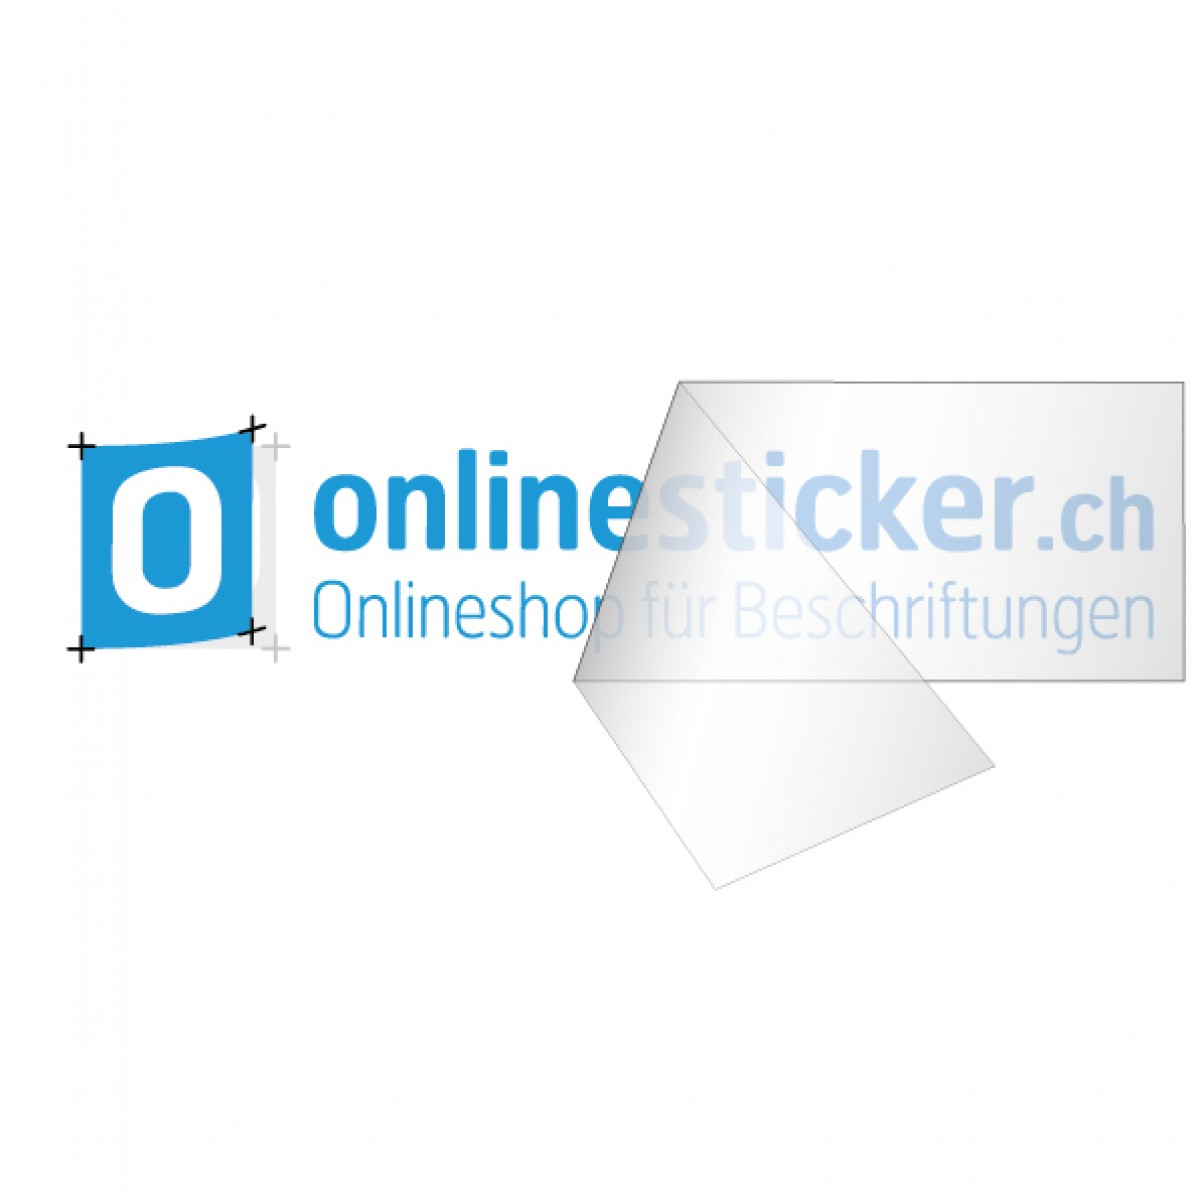 Anfrage Logoaufkleber Konturgeschnitten Von Onlinestickerch